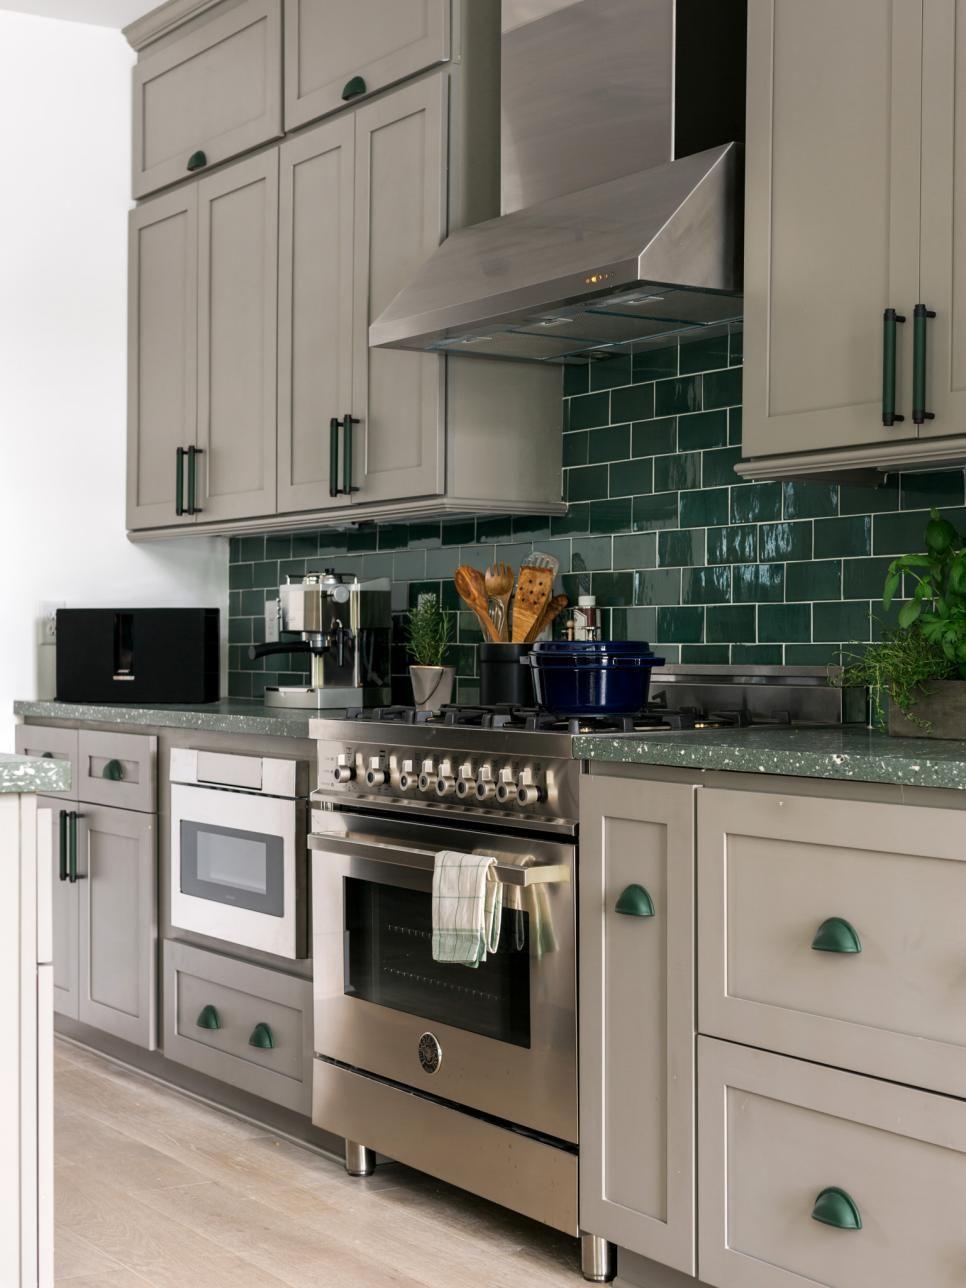 HGTV Dream Home 2017 Kitchen Pictures >> http//www.hgtv